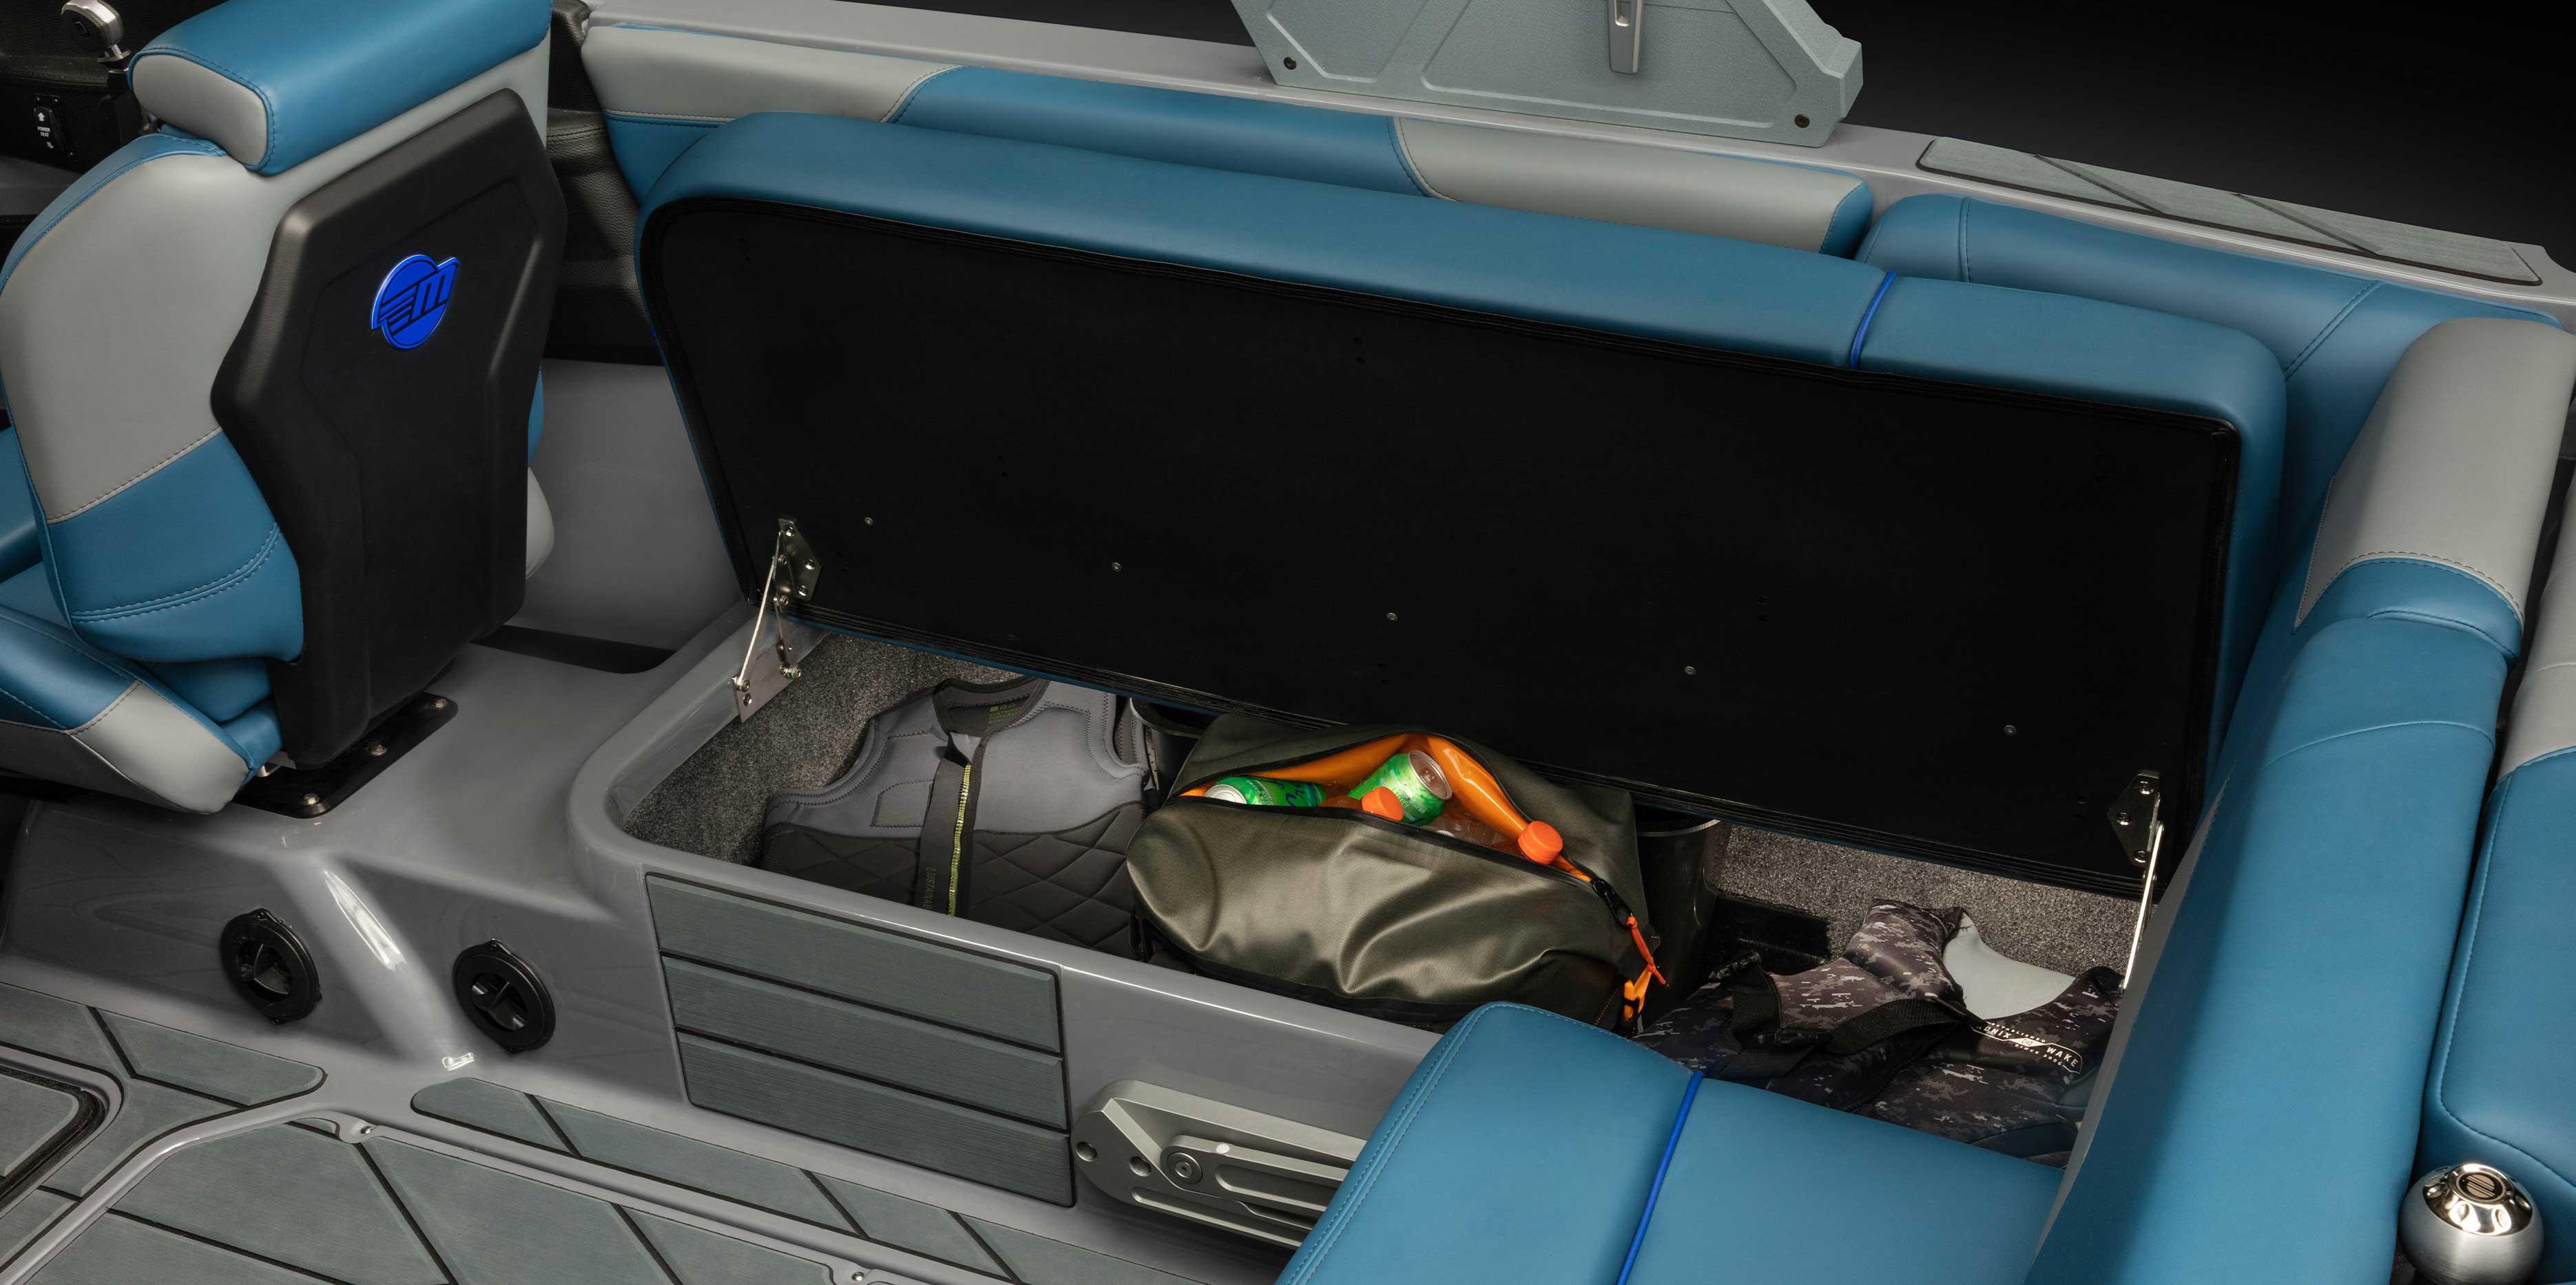 Malibu 22 LSV Storage